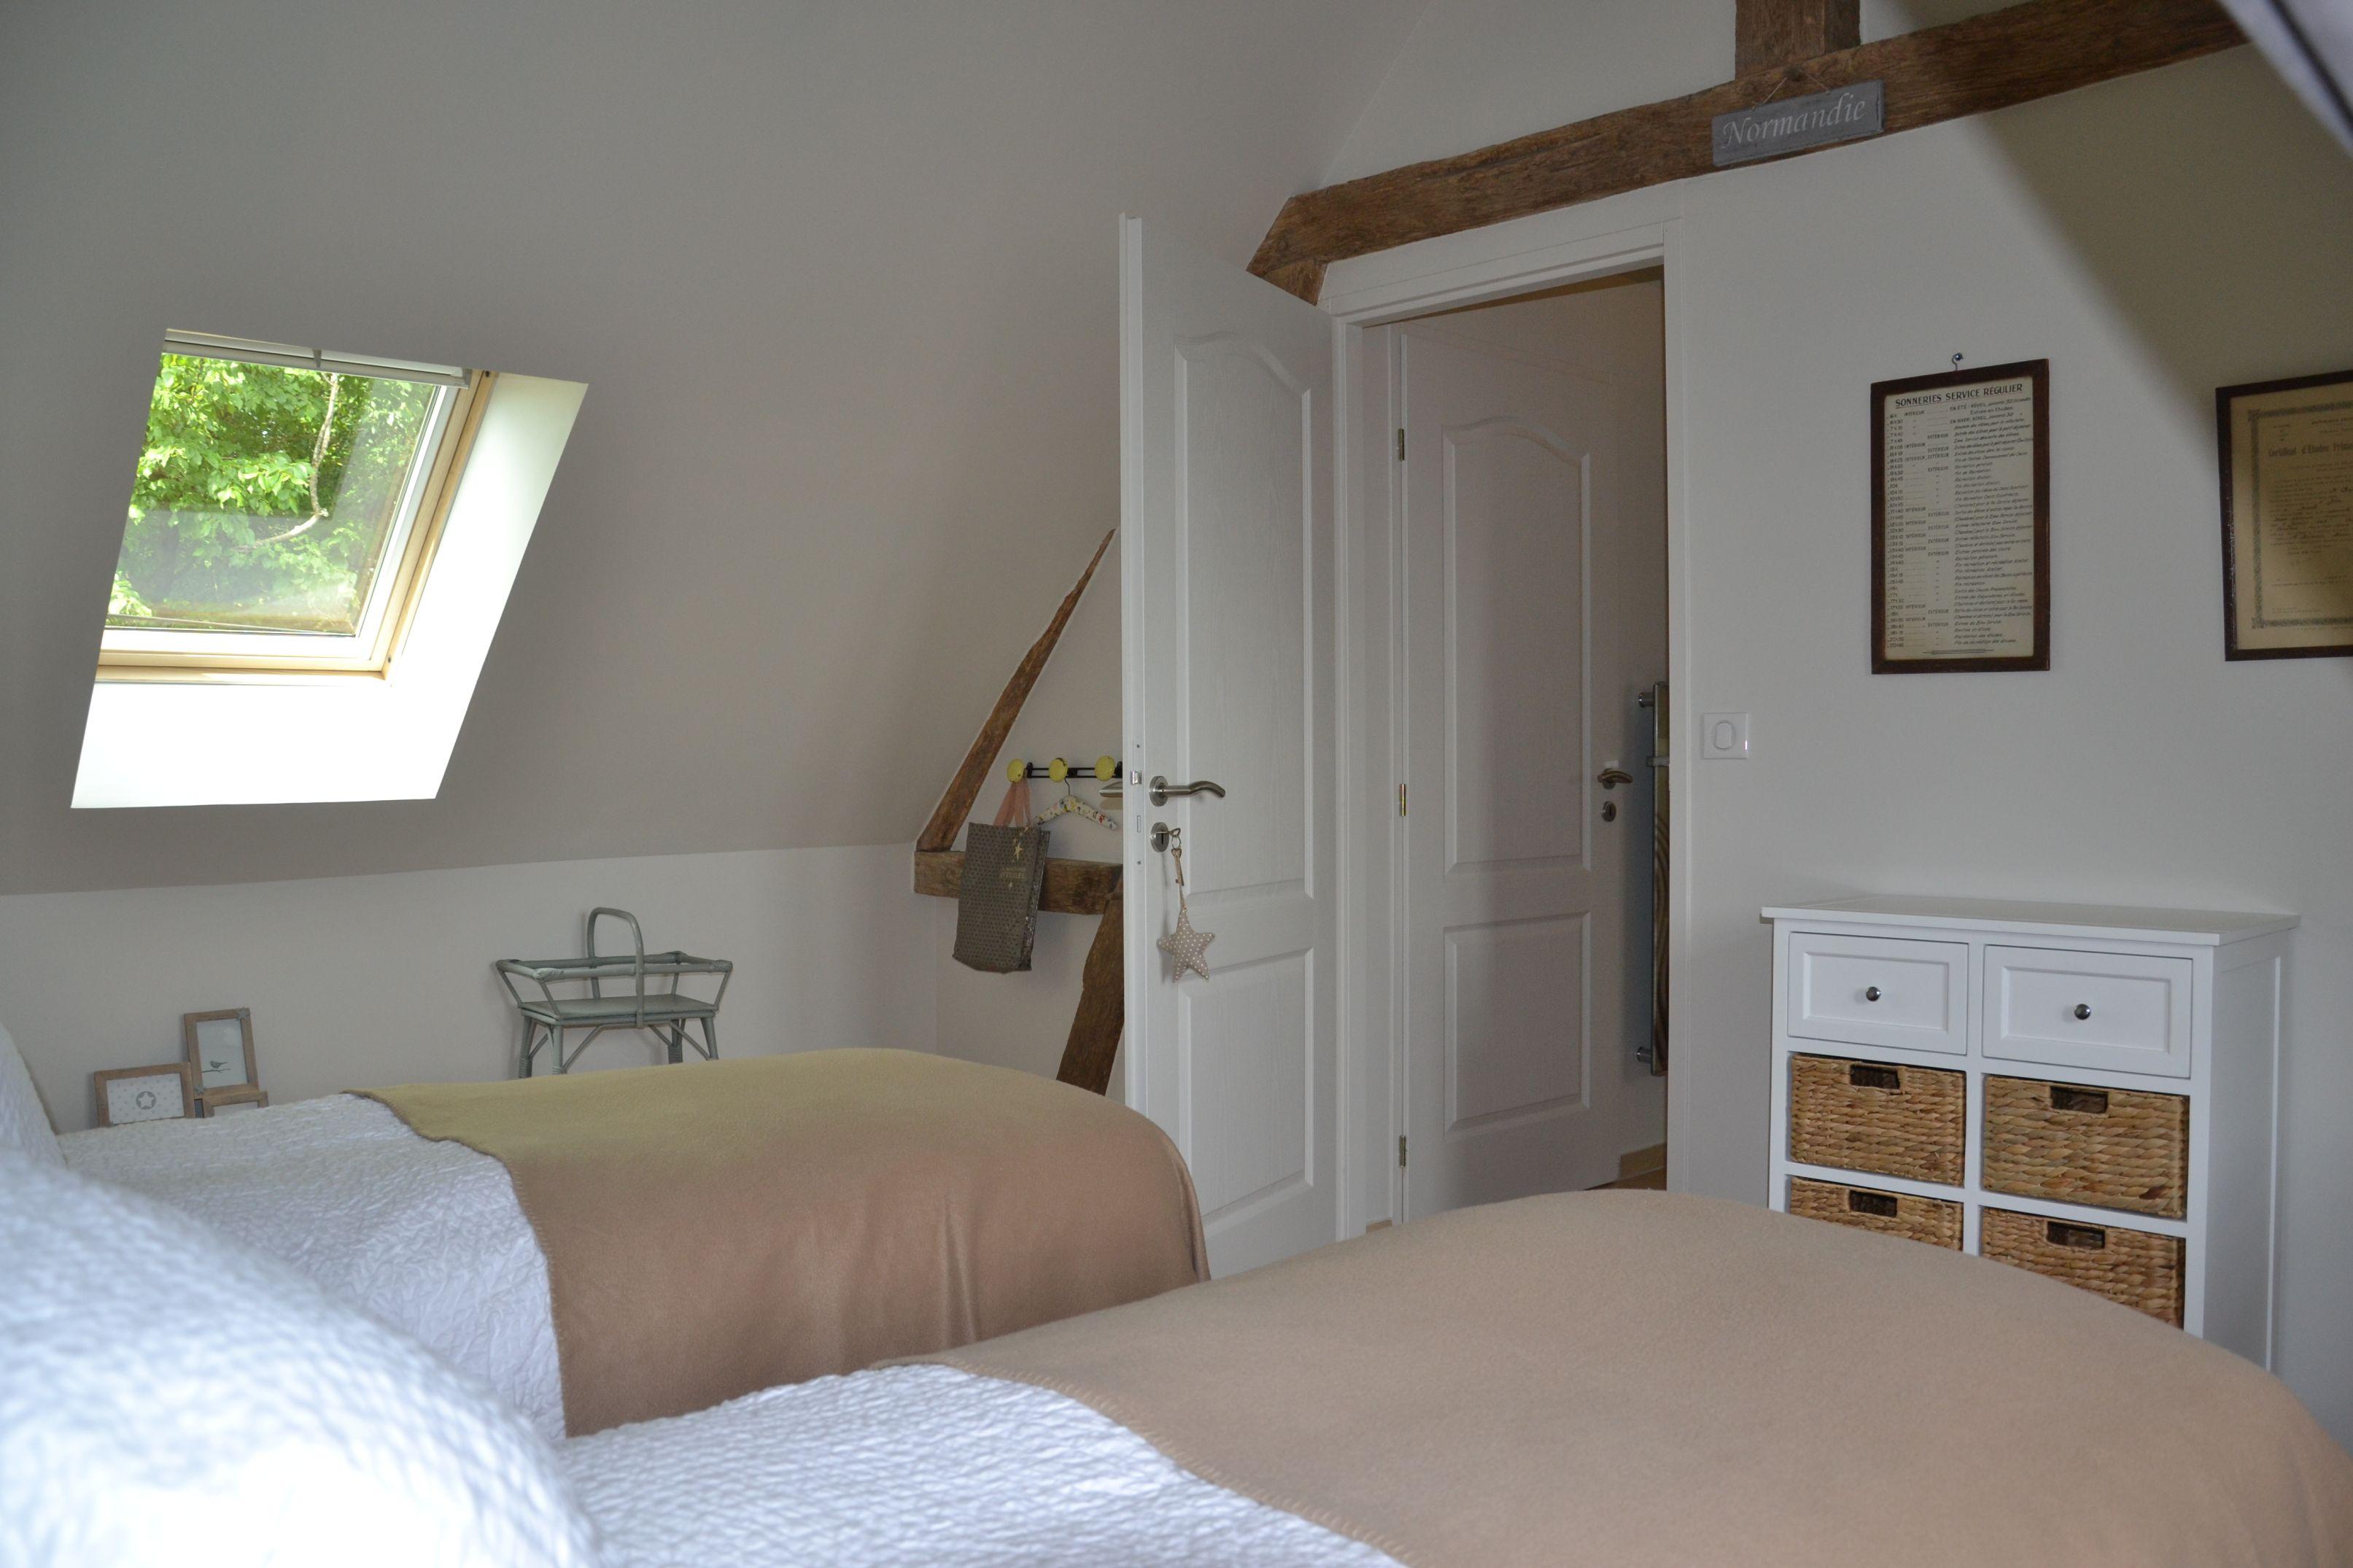 2 chambres d hotes de charme  Saint Jean de Livet pr¨s de Lisieux